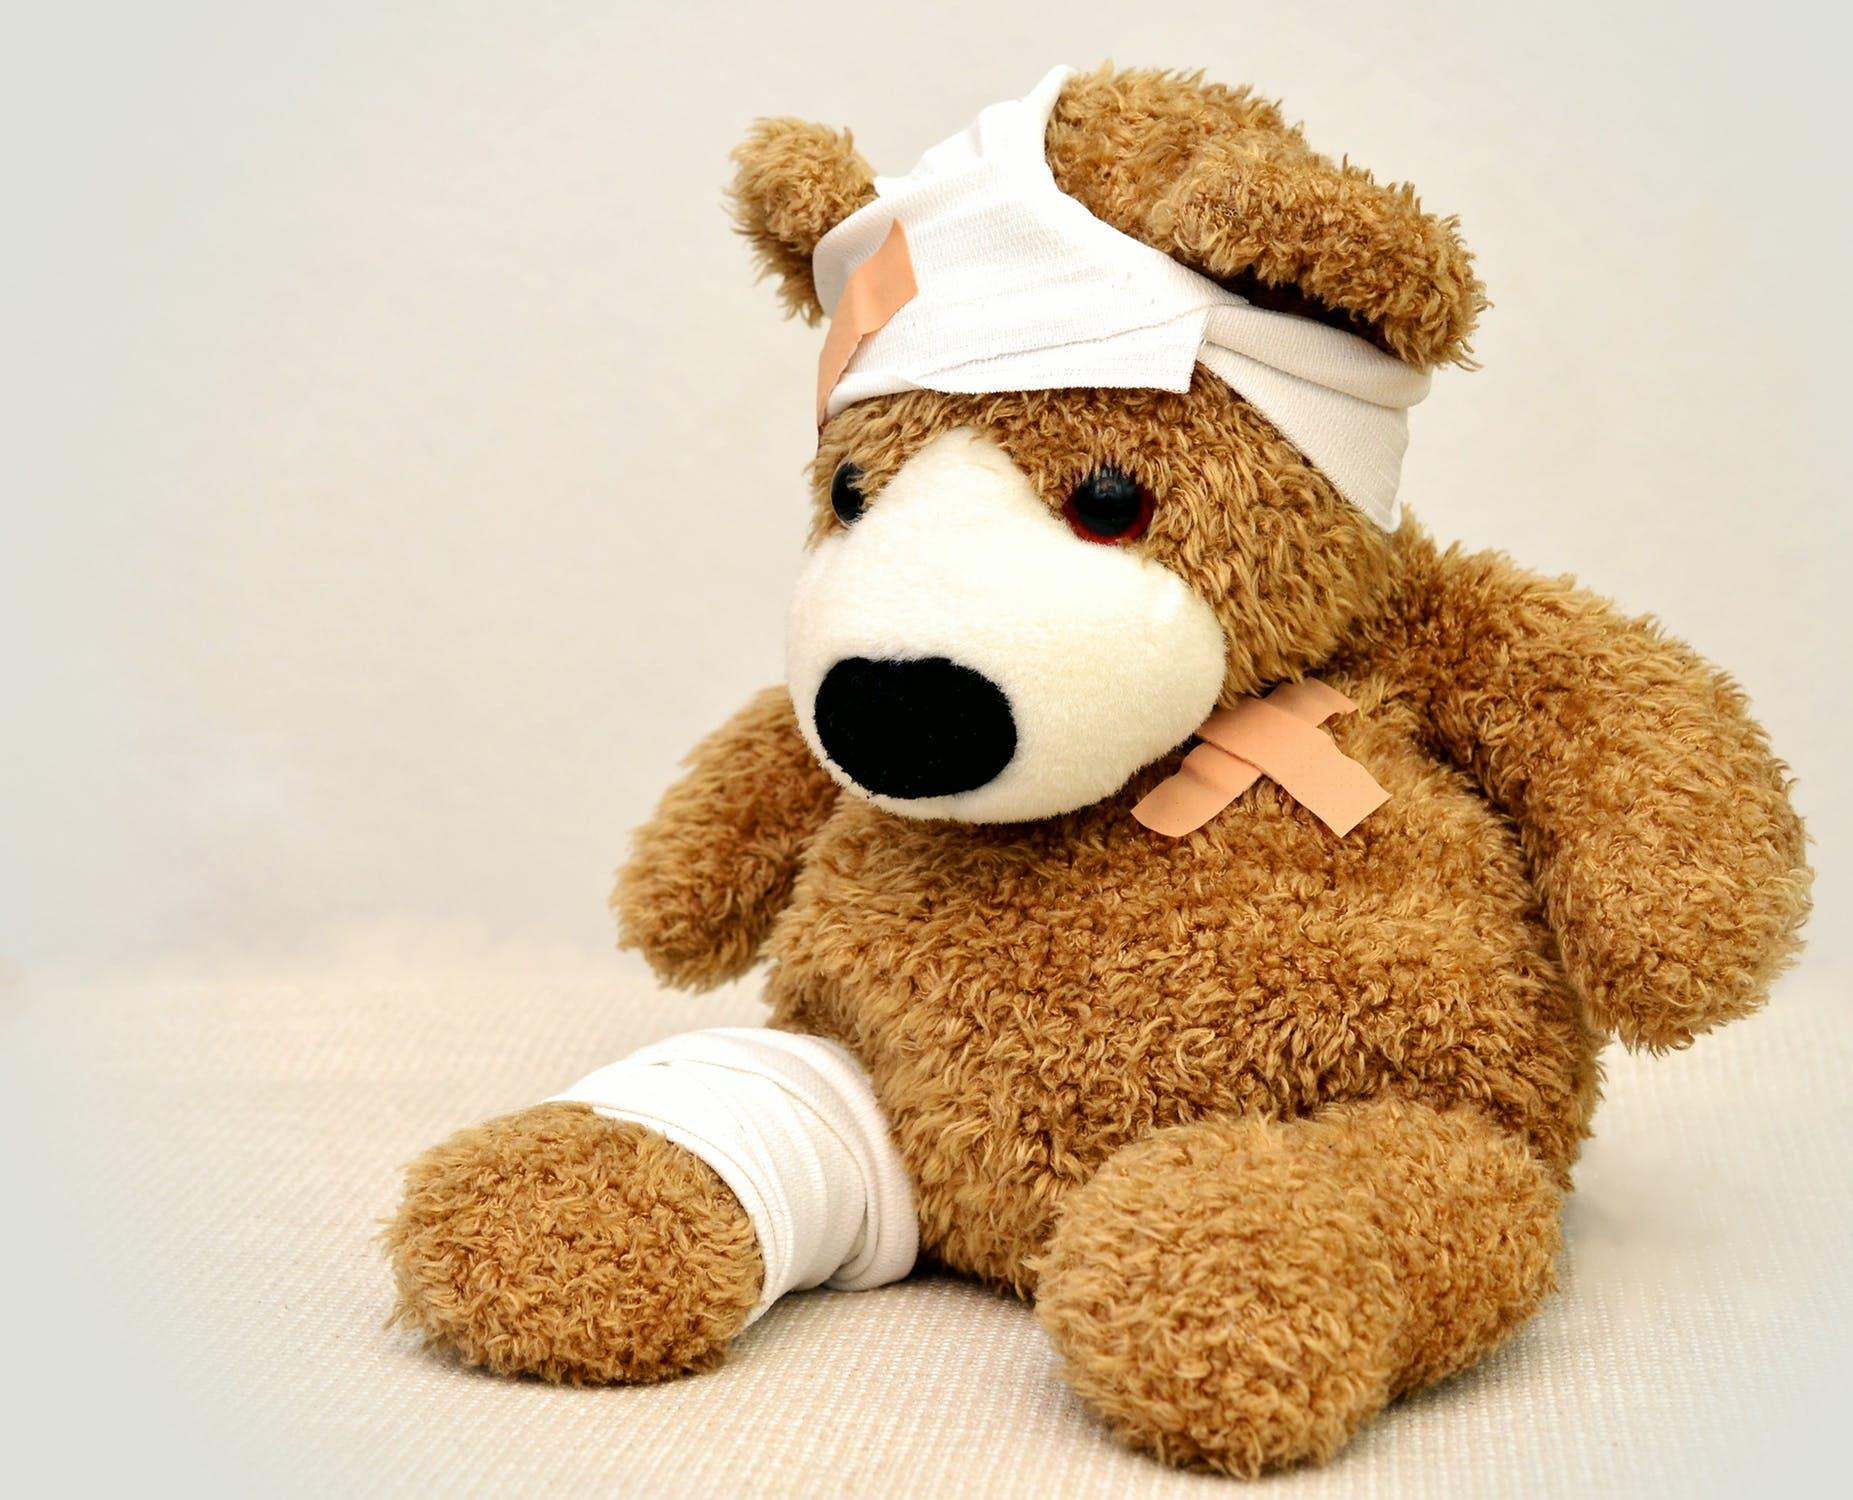 Piskesmæld og andre ulykker